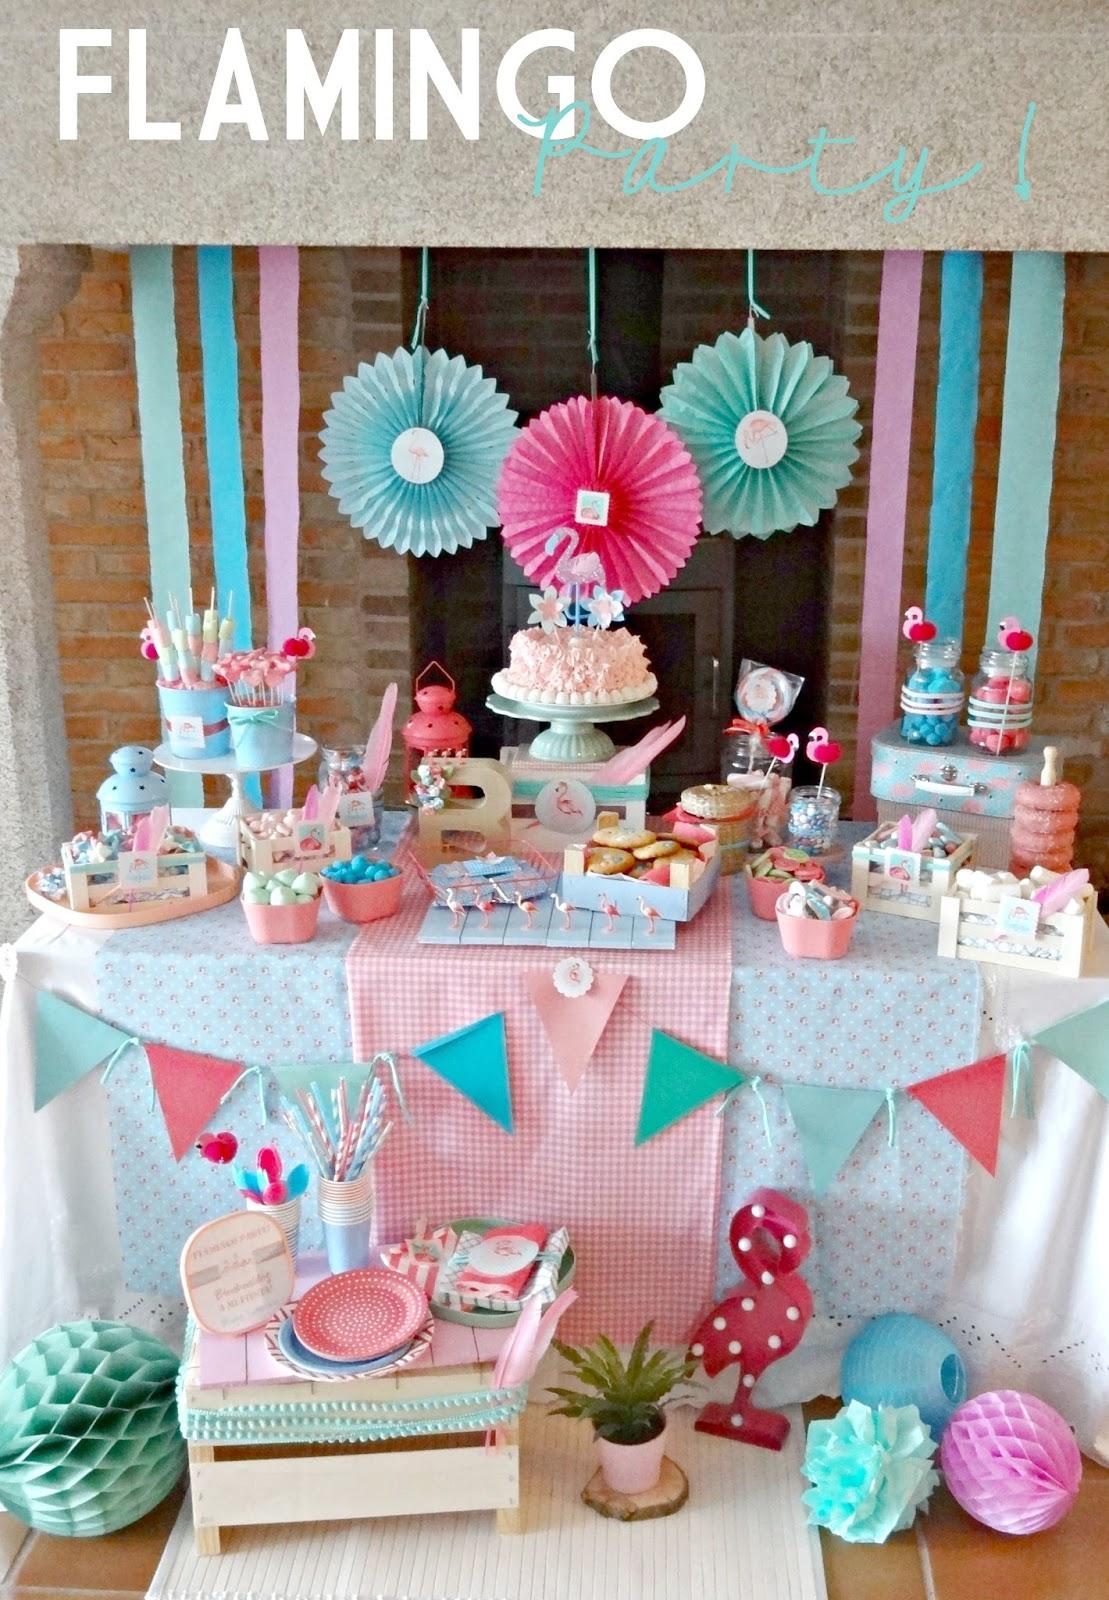 Celebra con ana compartiendo experiencias creativas - Decoracion party ...